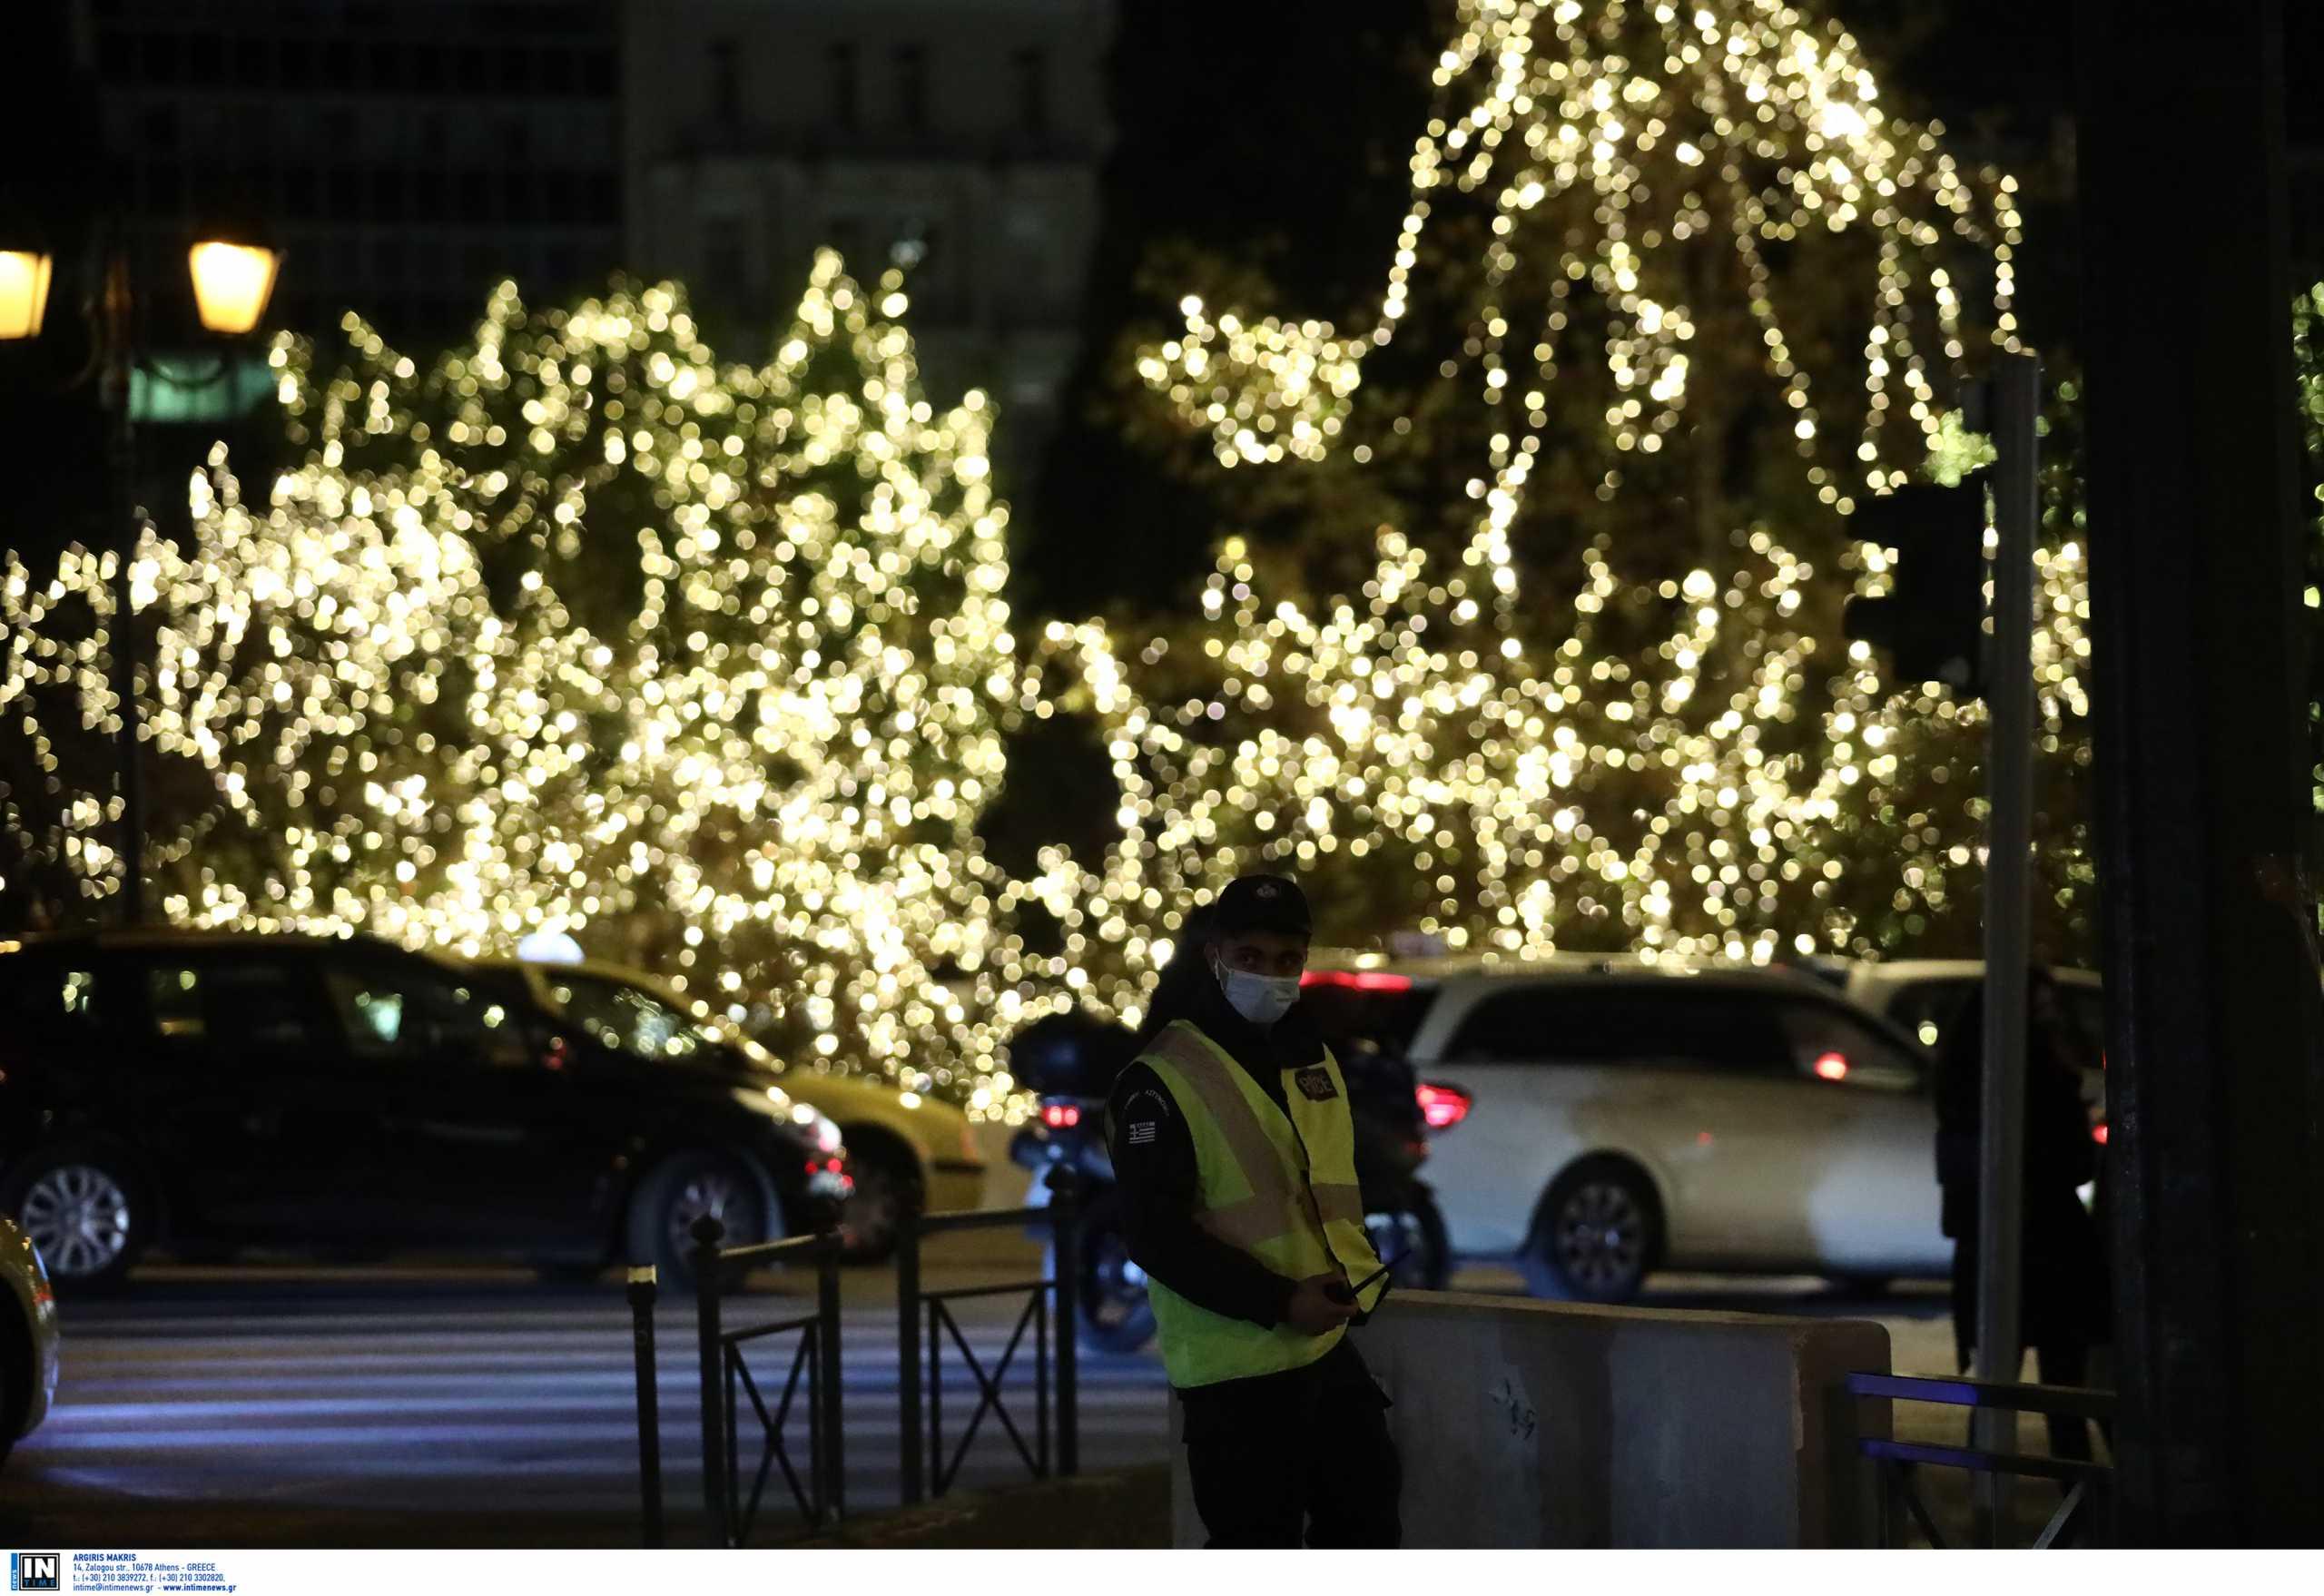 Χριστούγεννα με μέτρα: Βγάζουν και αστυνομικούς από τα γραφεία για να περιπολούν